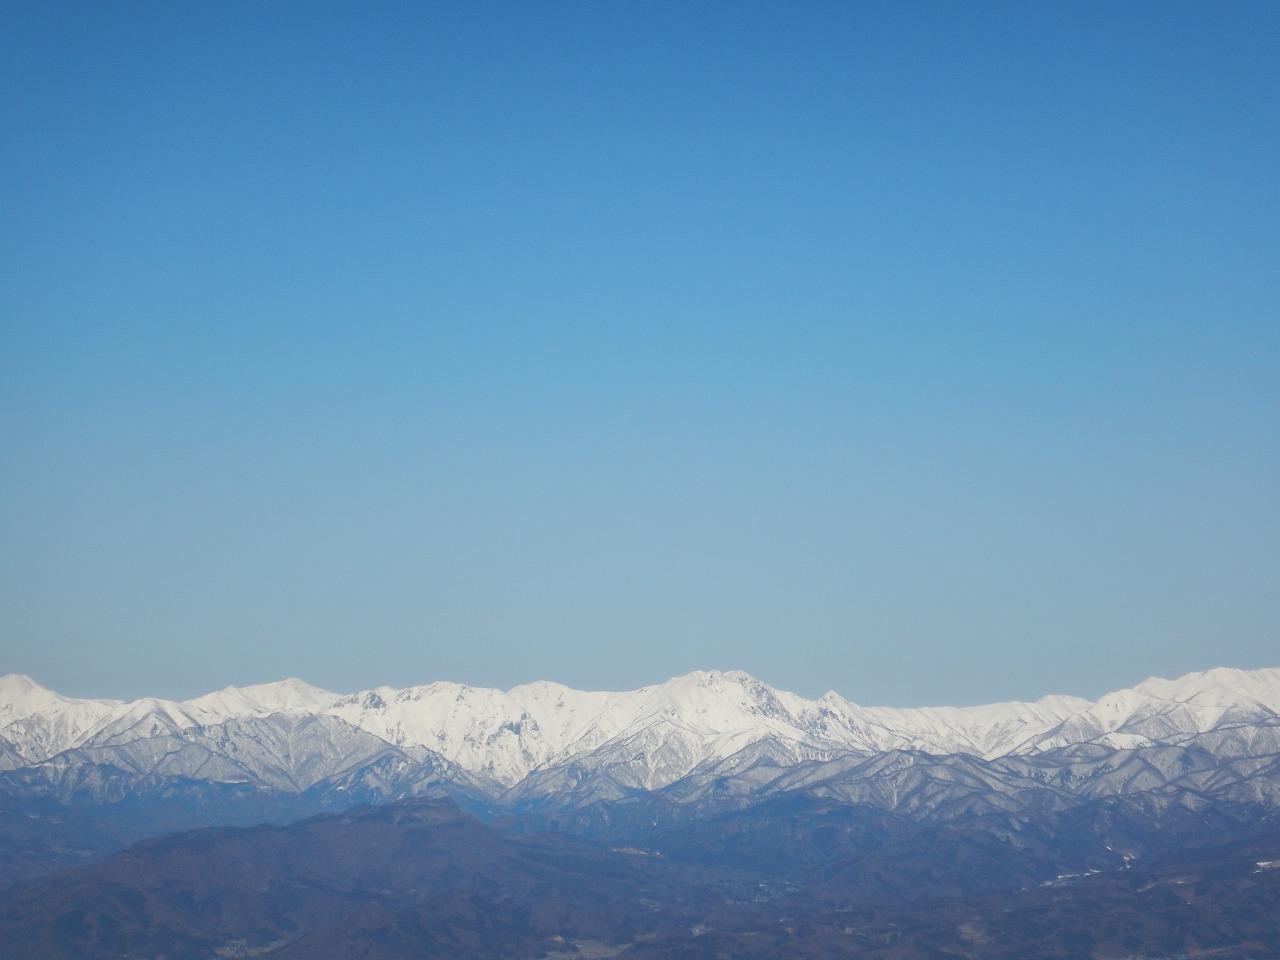 中央に見えているのは谷川岳